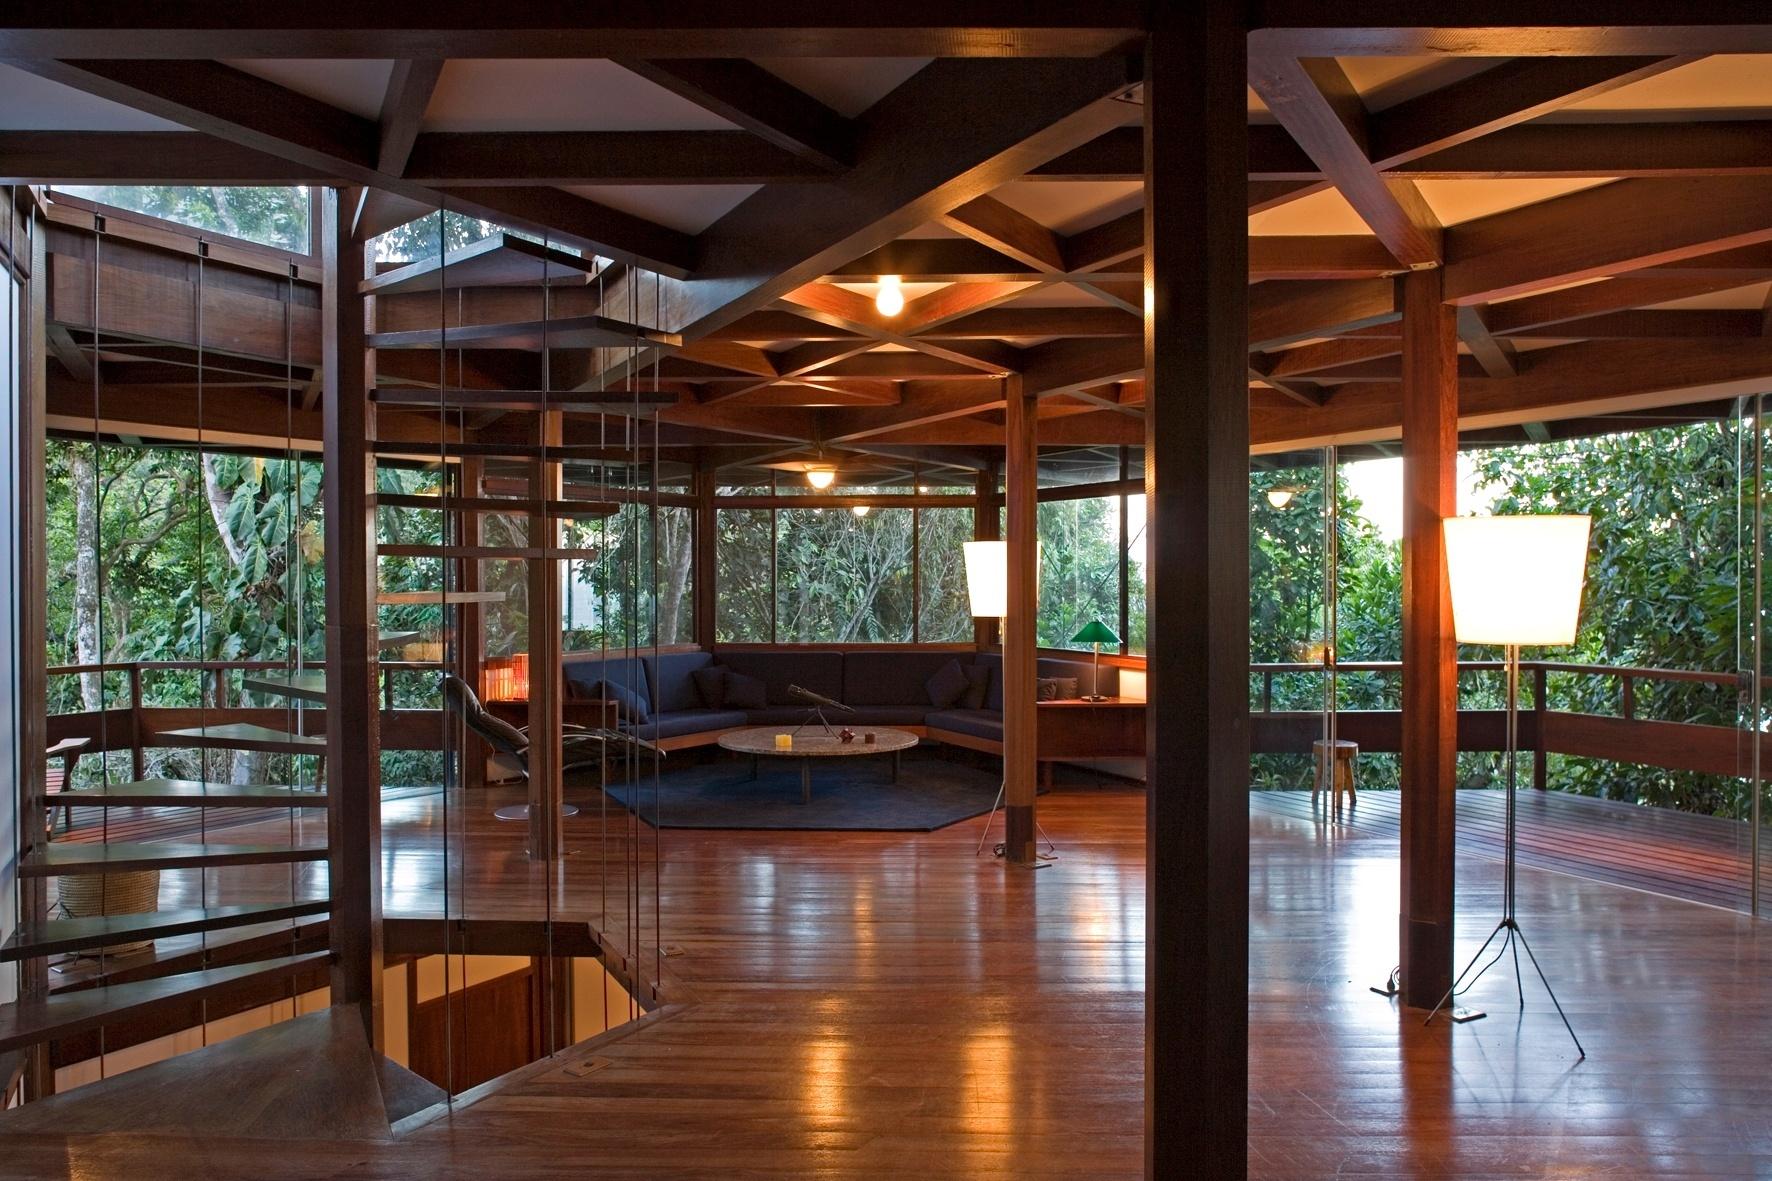 Deste ângulo vê-se a sala de estar ladeada por dois terraços em balanço e, em primeiro plano, o vazio da escada helicoidal (caracol). A casa Tijucopava foi projetada pelo arquiteto Marcos Acayaba